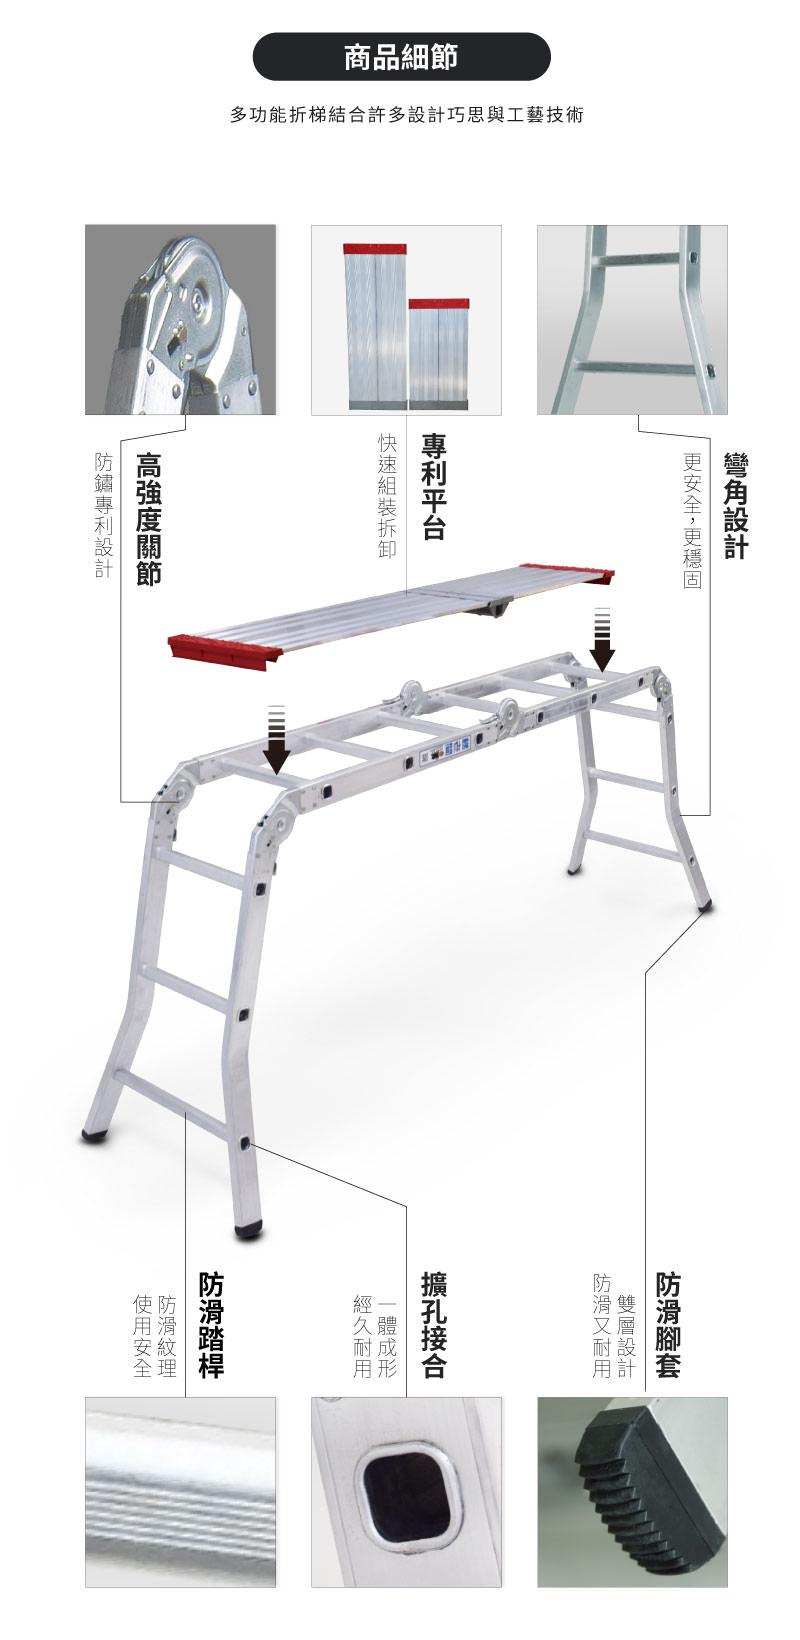 多功能摺梯(dfb-6)結合許多工藝技術。高強度關節,專利平台,彎角設計,防滑踏桿,擴孔接合,防滑腳套。